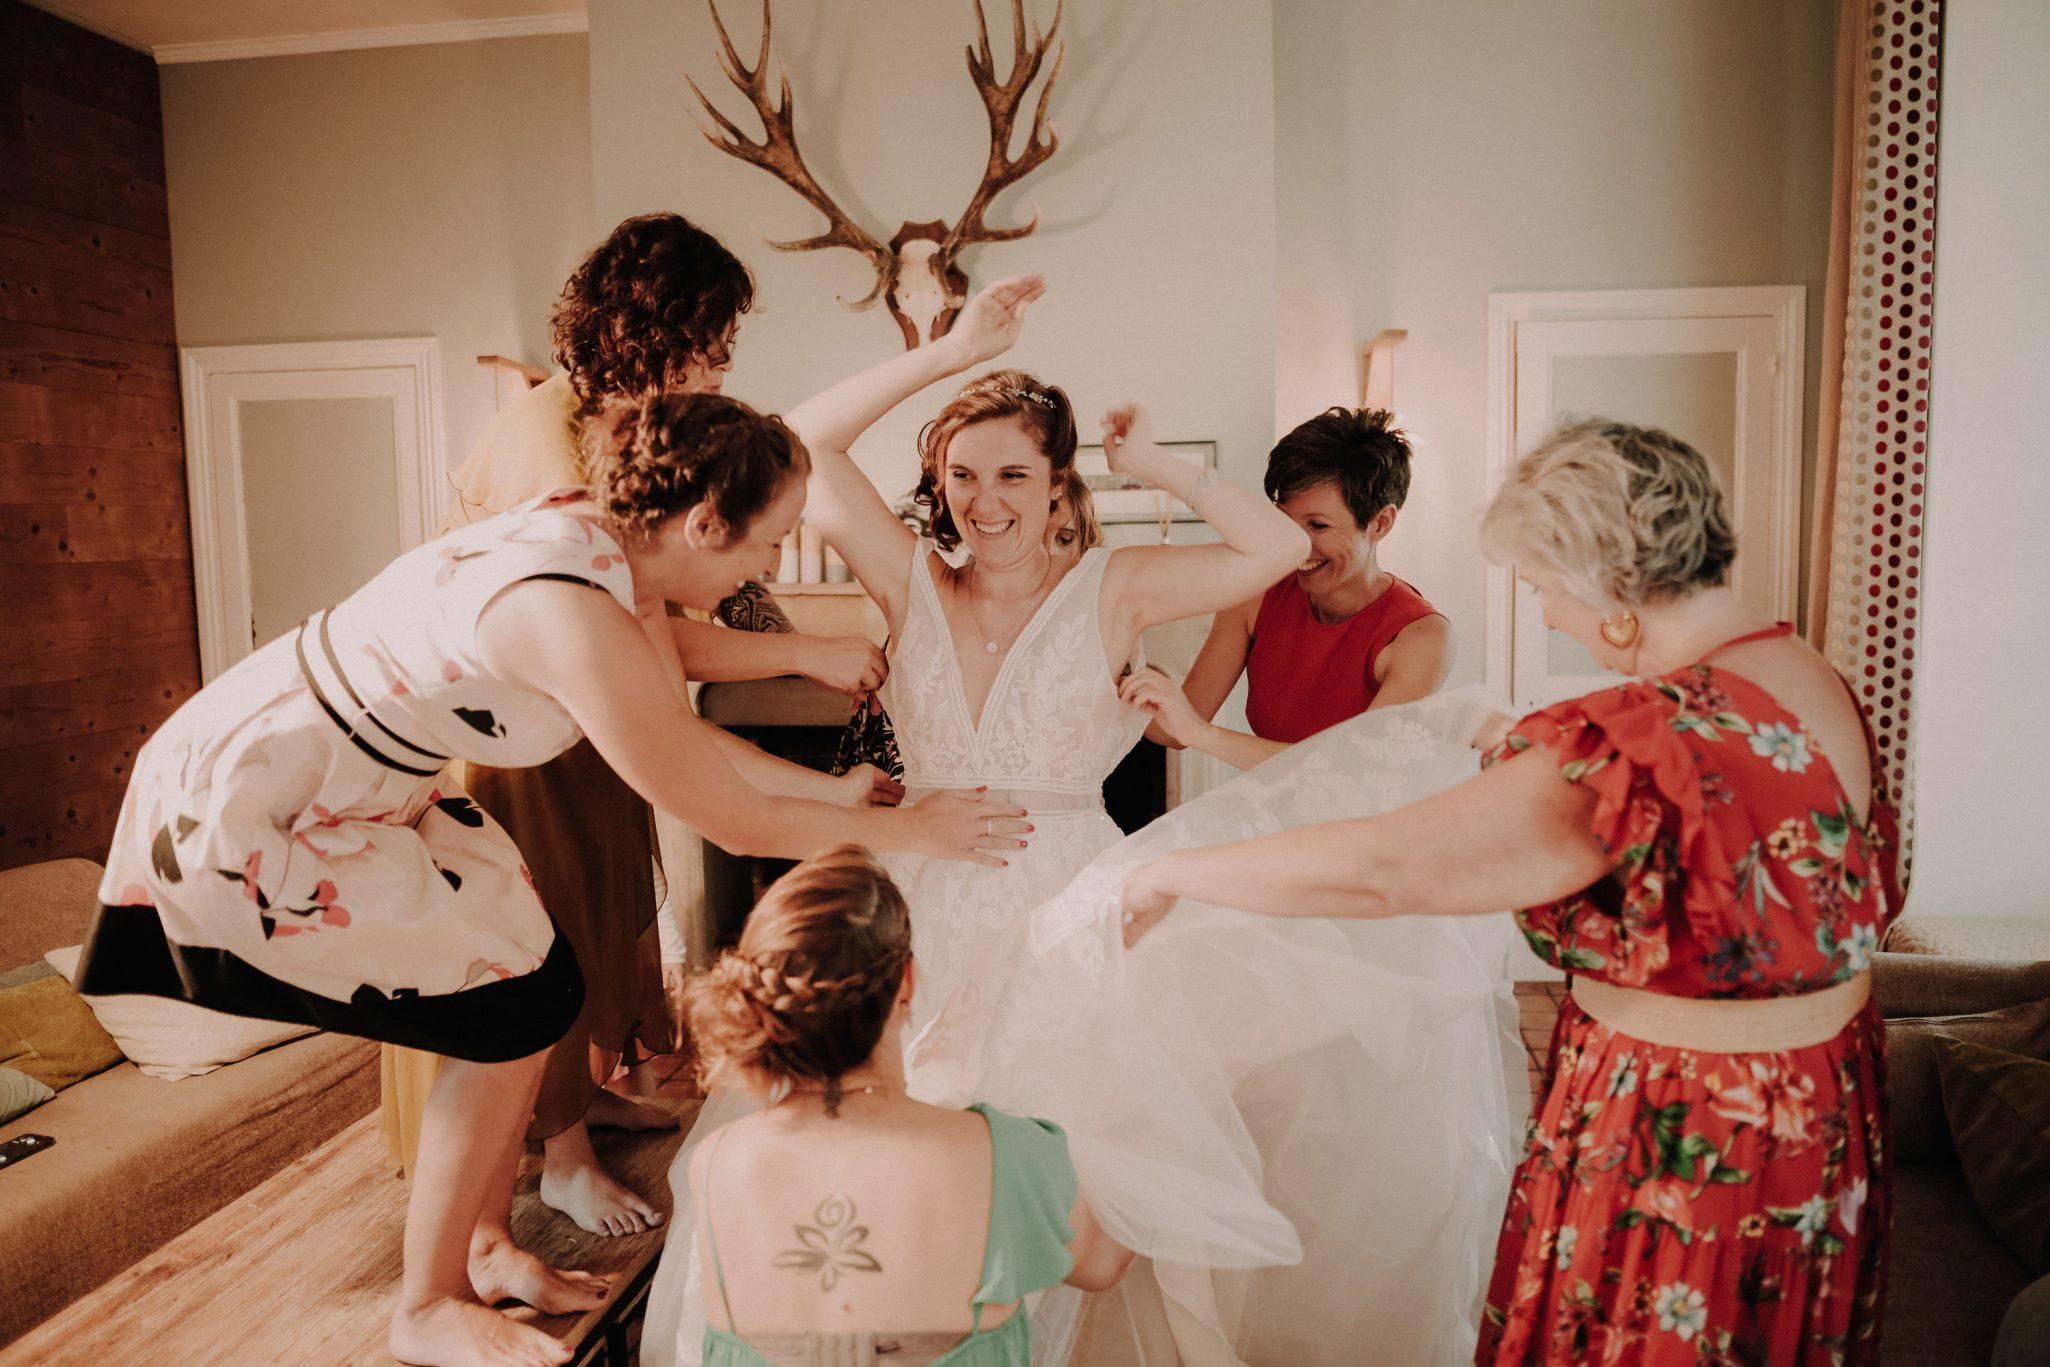 préparatif de la mariée avec ses demoiselles d'honneur. Empreinte Ephémère wedding planner Provence, paris et normandie